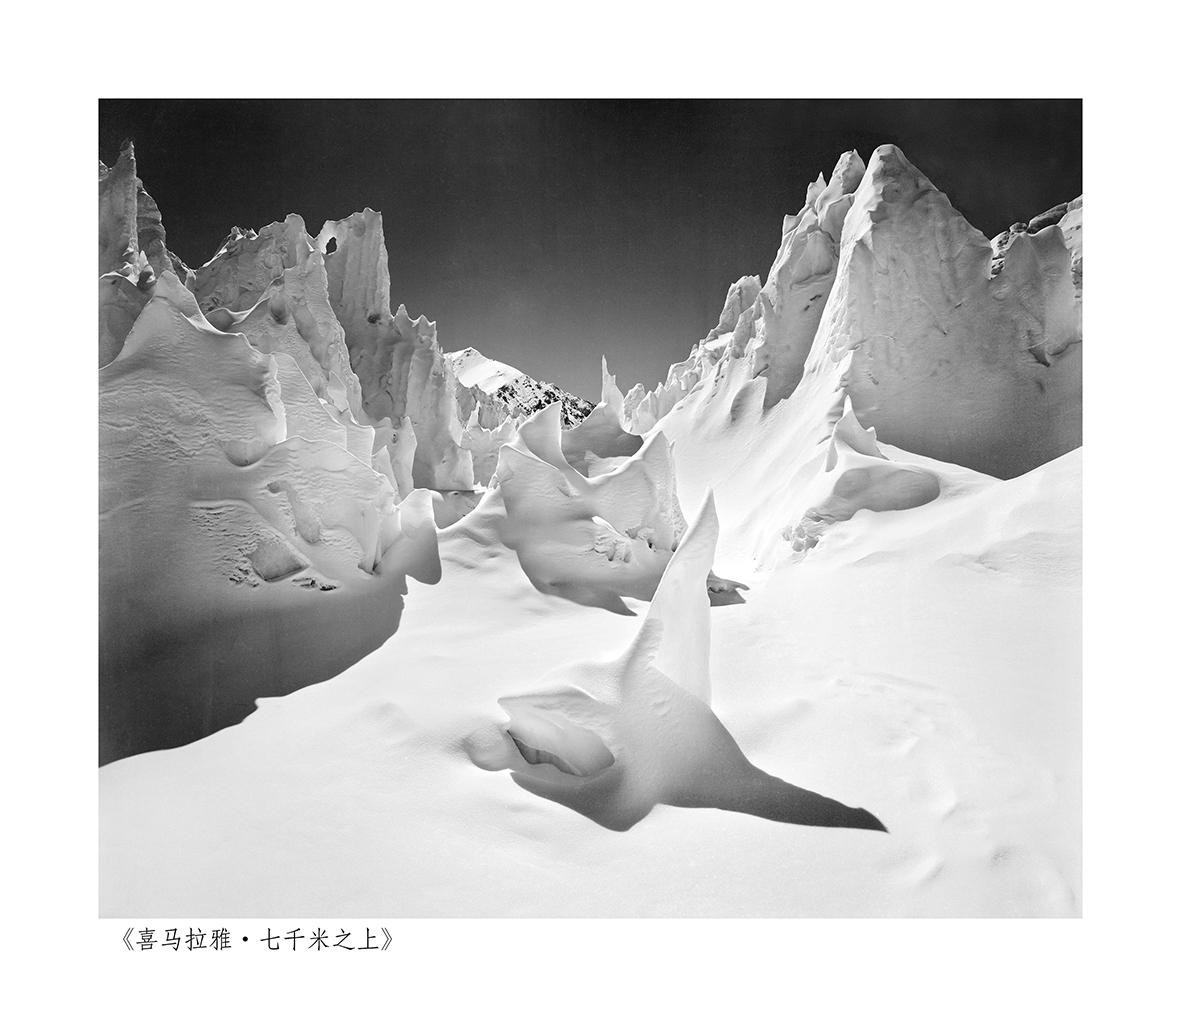 金平 - 喜马拉雅·七千米之上 (1).jpg